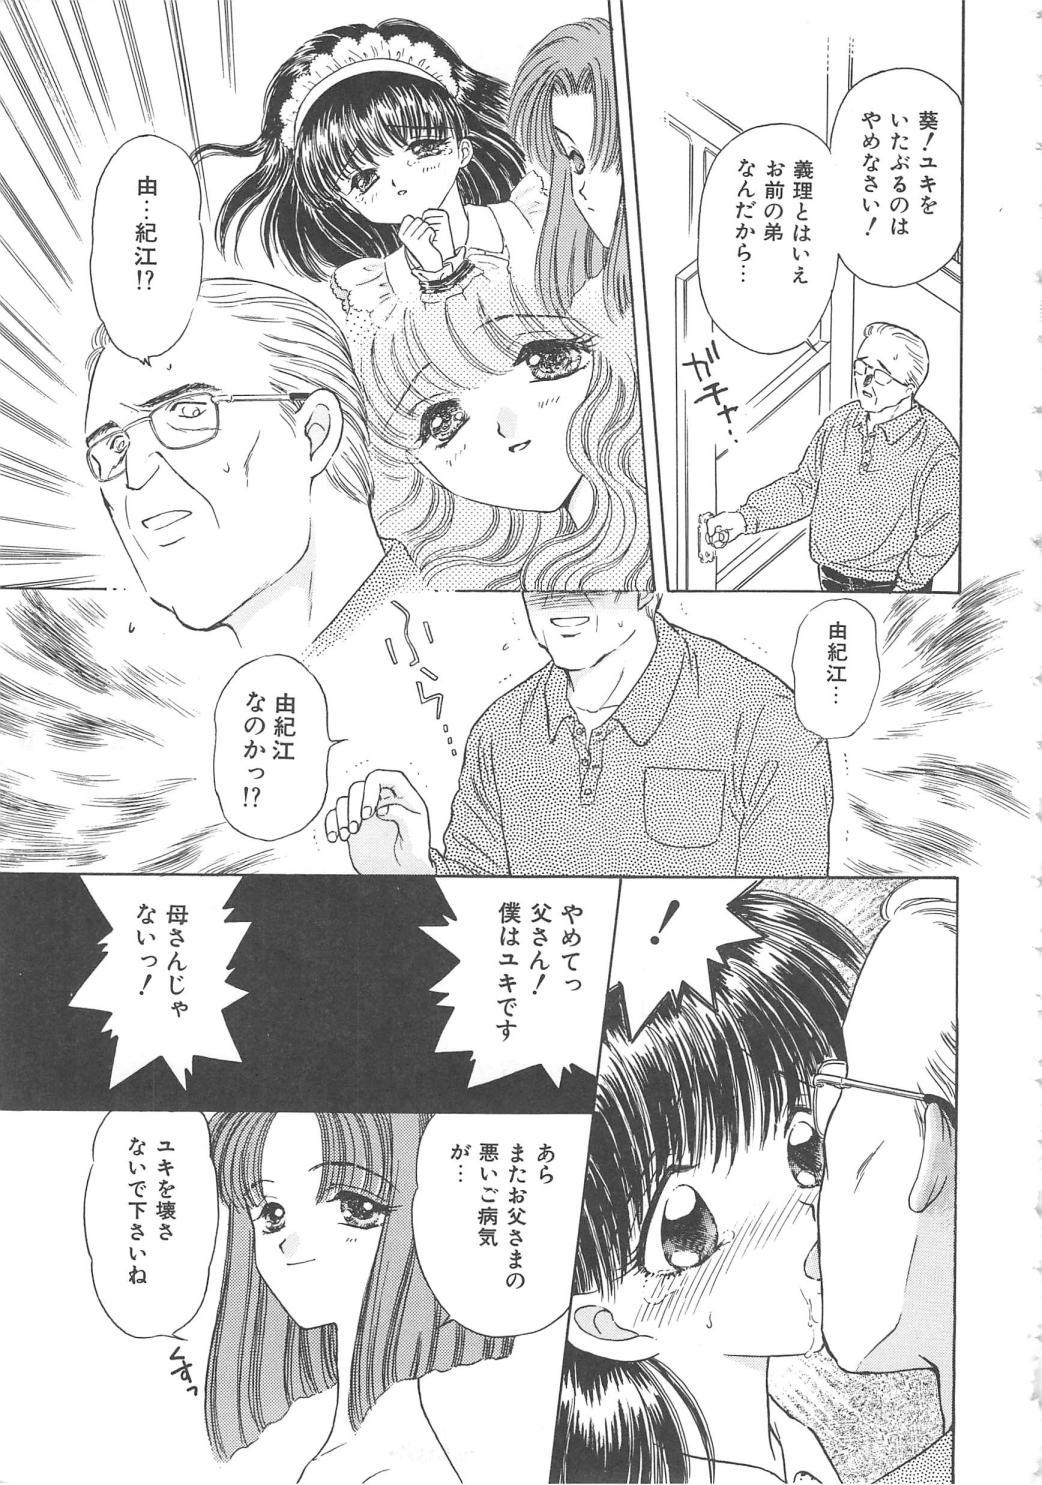 Shojyo Koutan 18